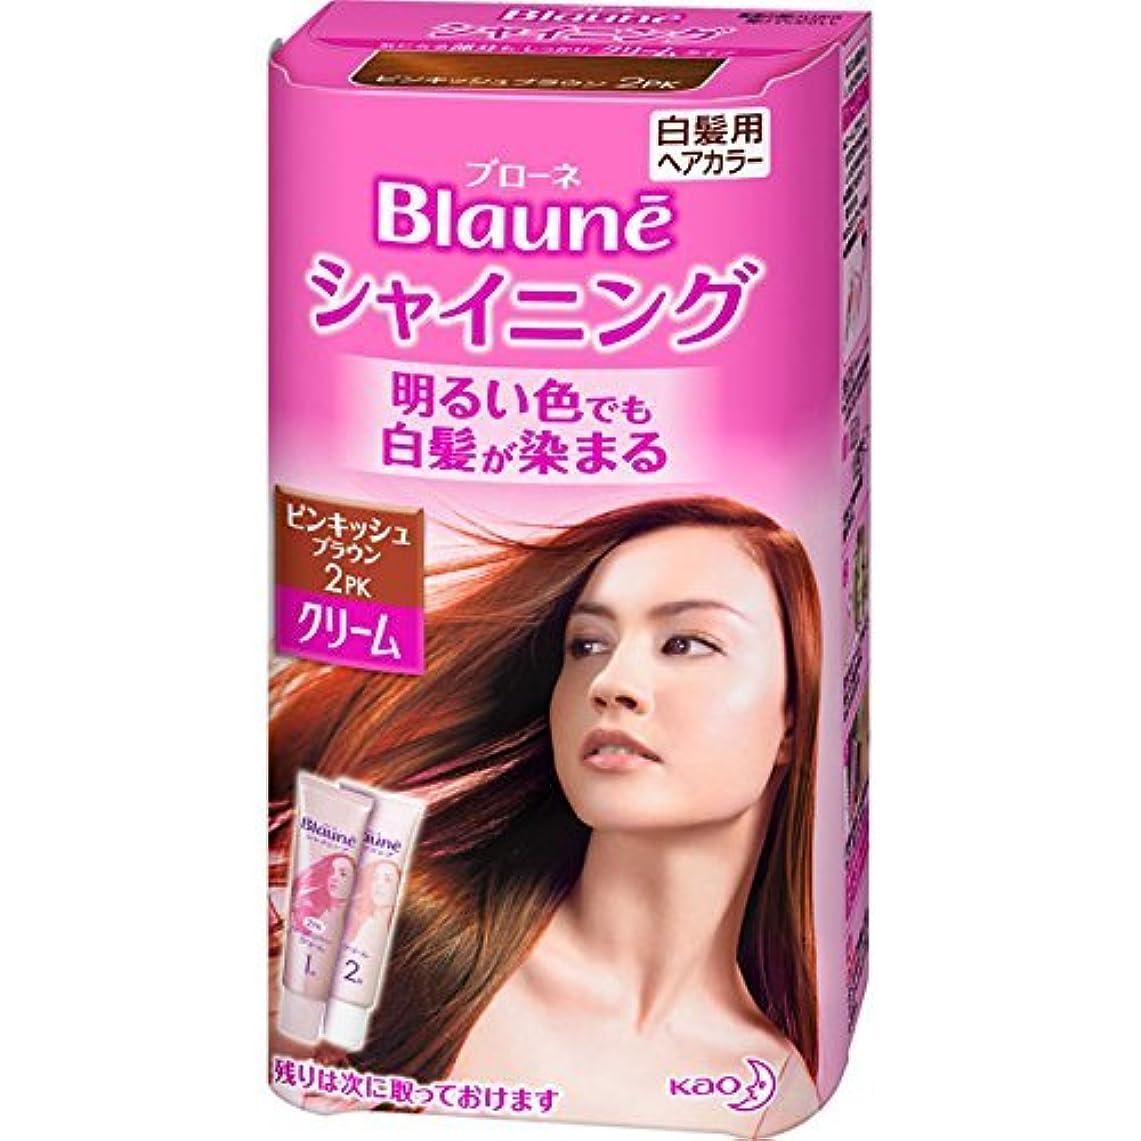 サラダ航空キー花王 ブローネ シャイニングヘアカラー クリーム 2PK 1剤50g/2剤50g(医薬部外品)《各50g》